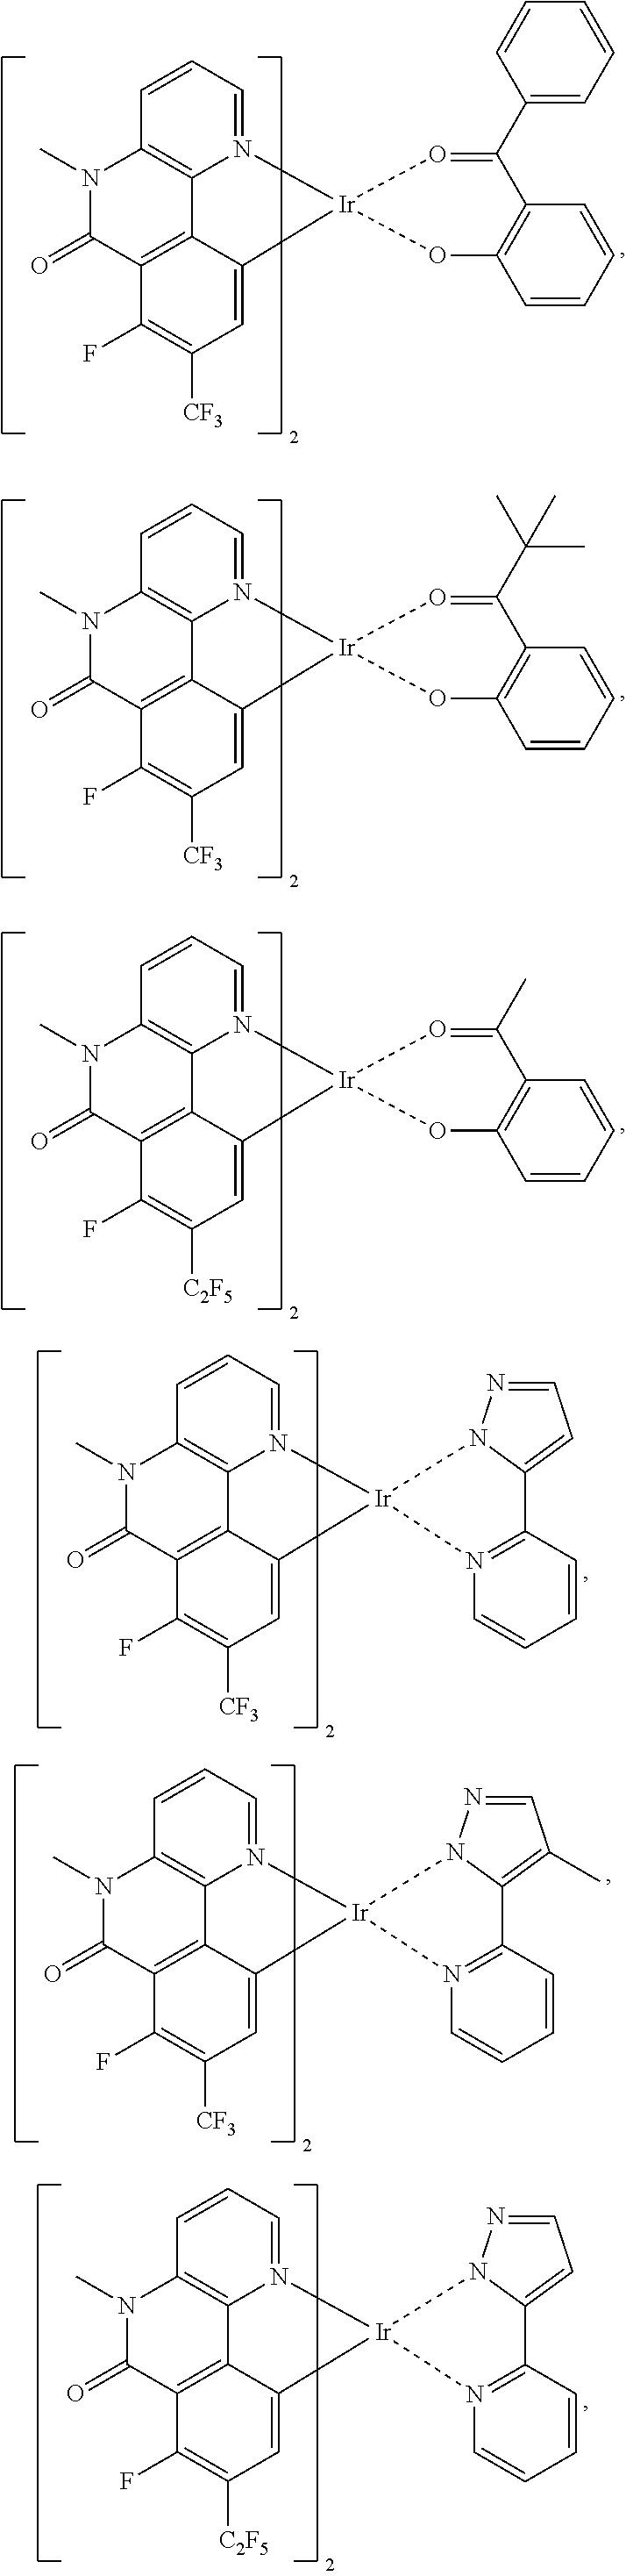 Figure US09634266-20170425-C00015